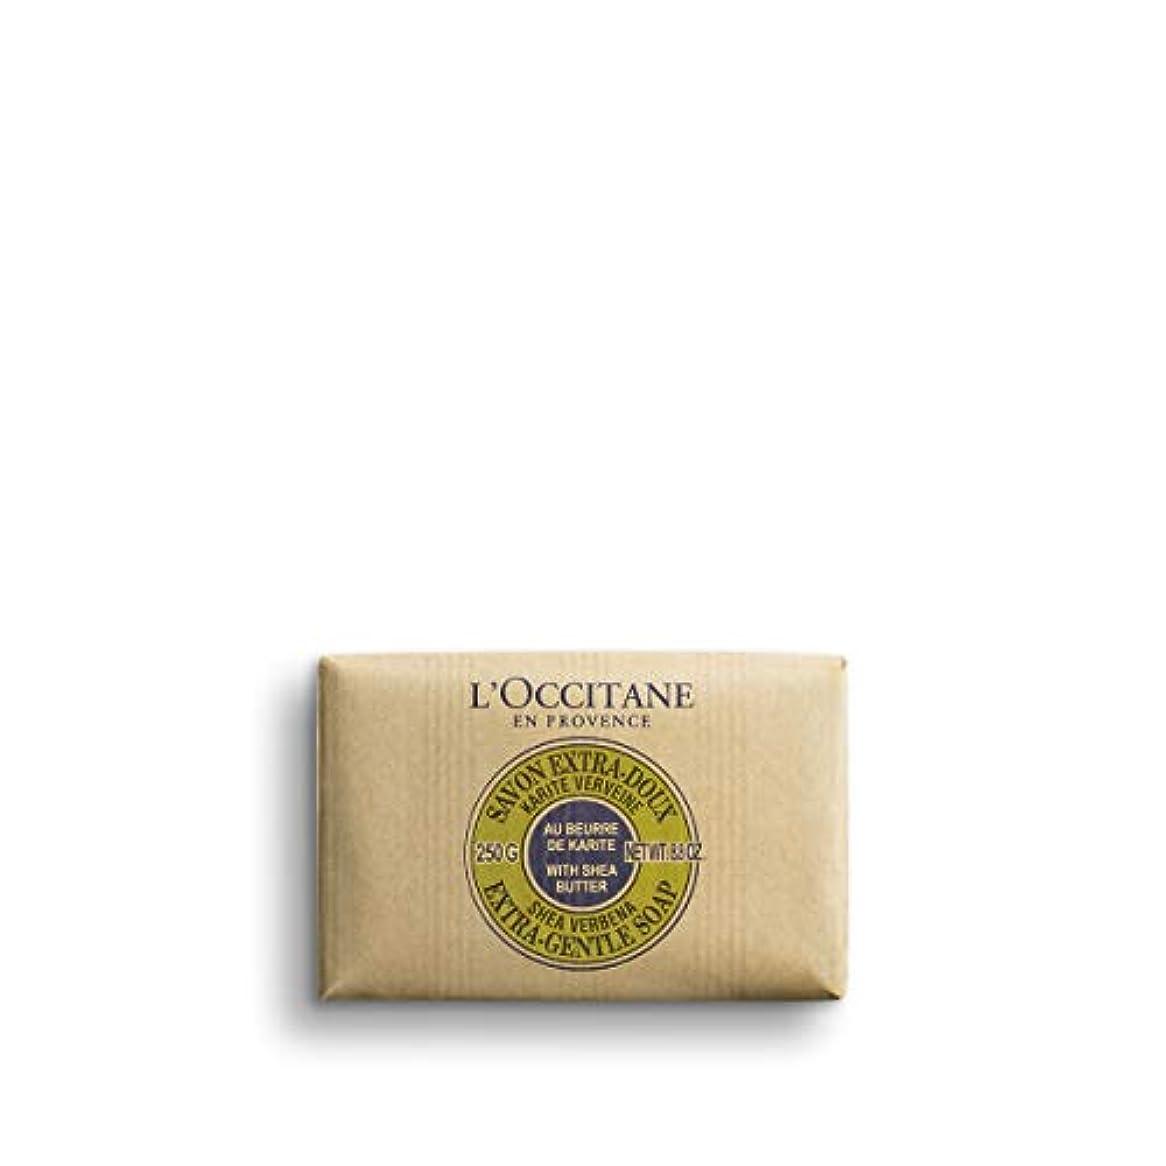 汚れる膨らませる著名なロクシタン(L'OCCITANE) シアバターソープ 250g ヴァーベナ